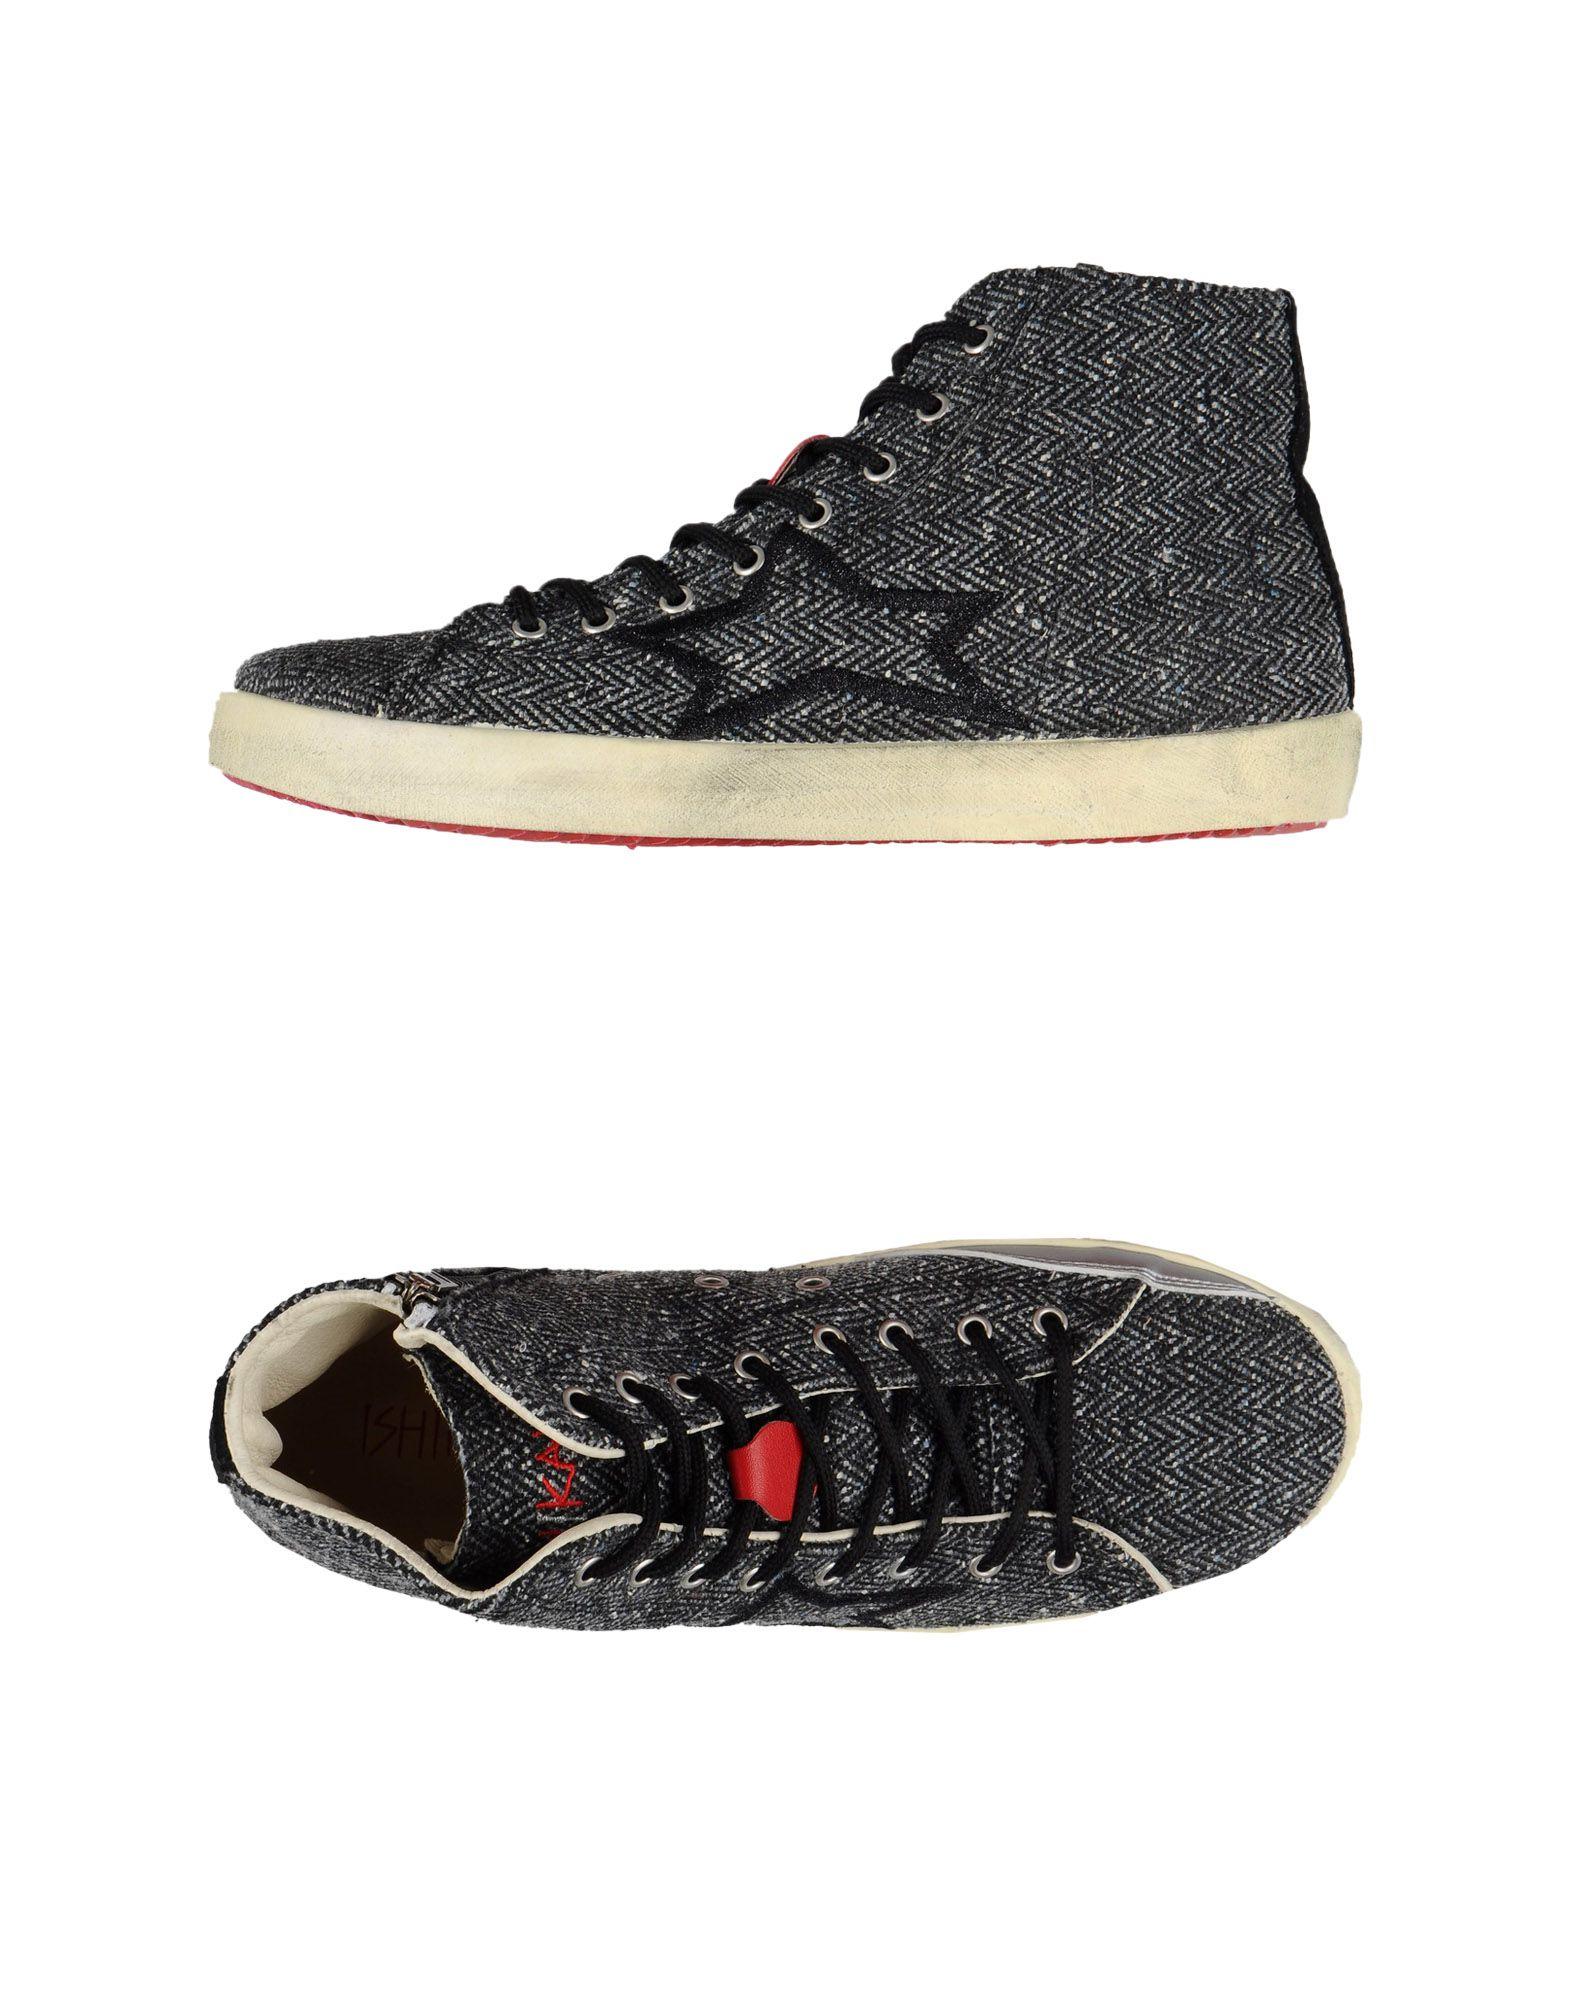 Ishikawa Shoes Uk